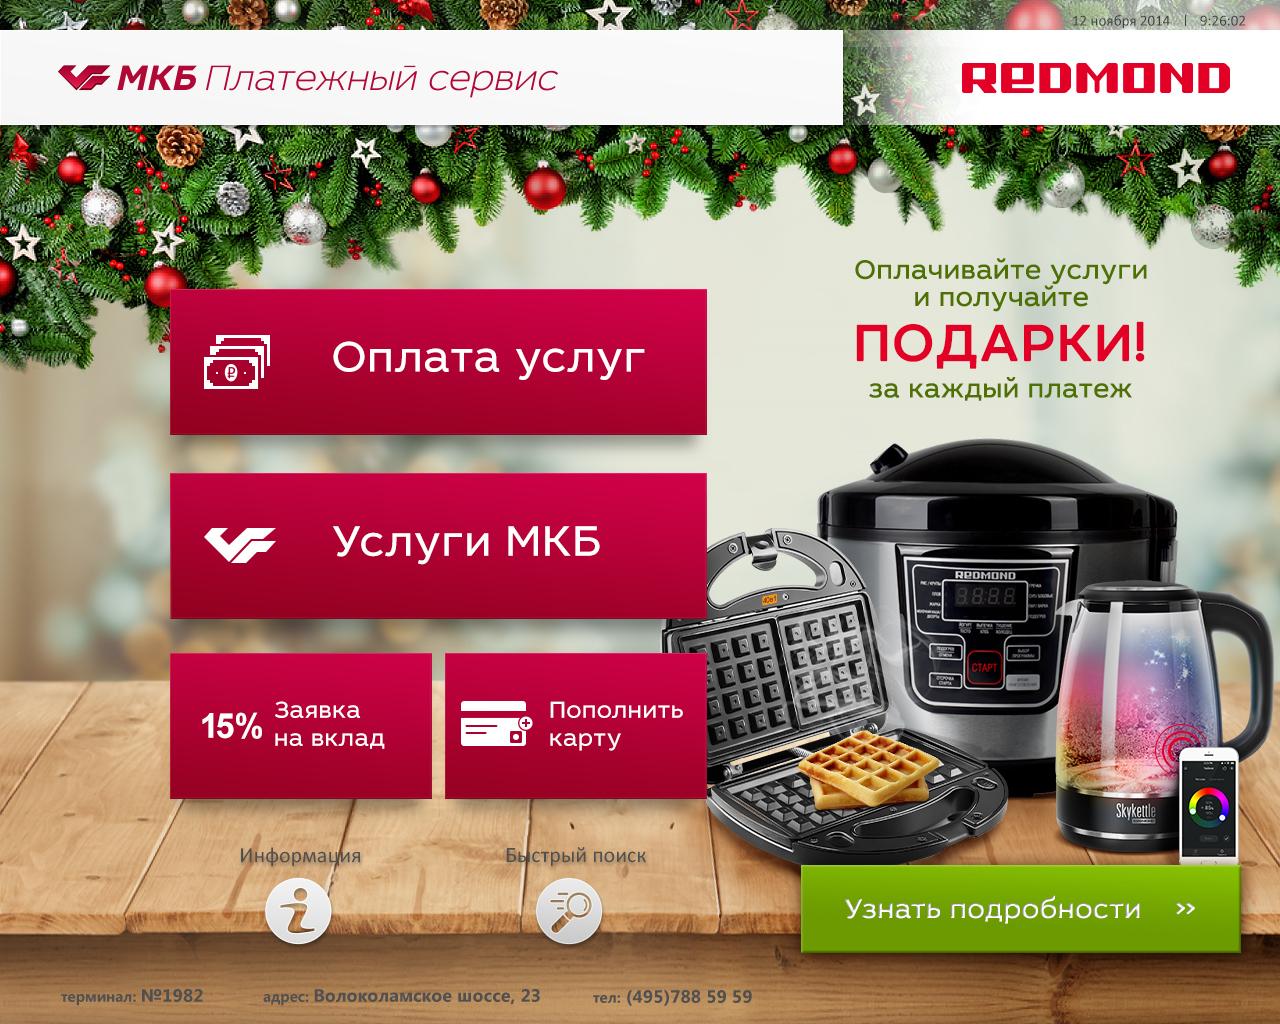 модели имеются московский кредитный банк 2017 Аввакум впервые